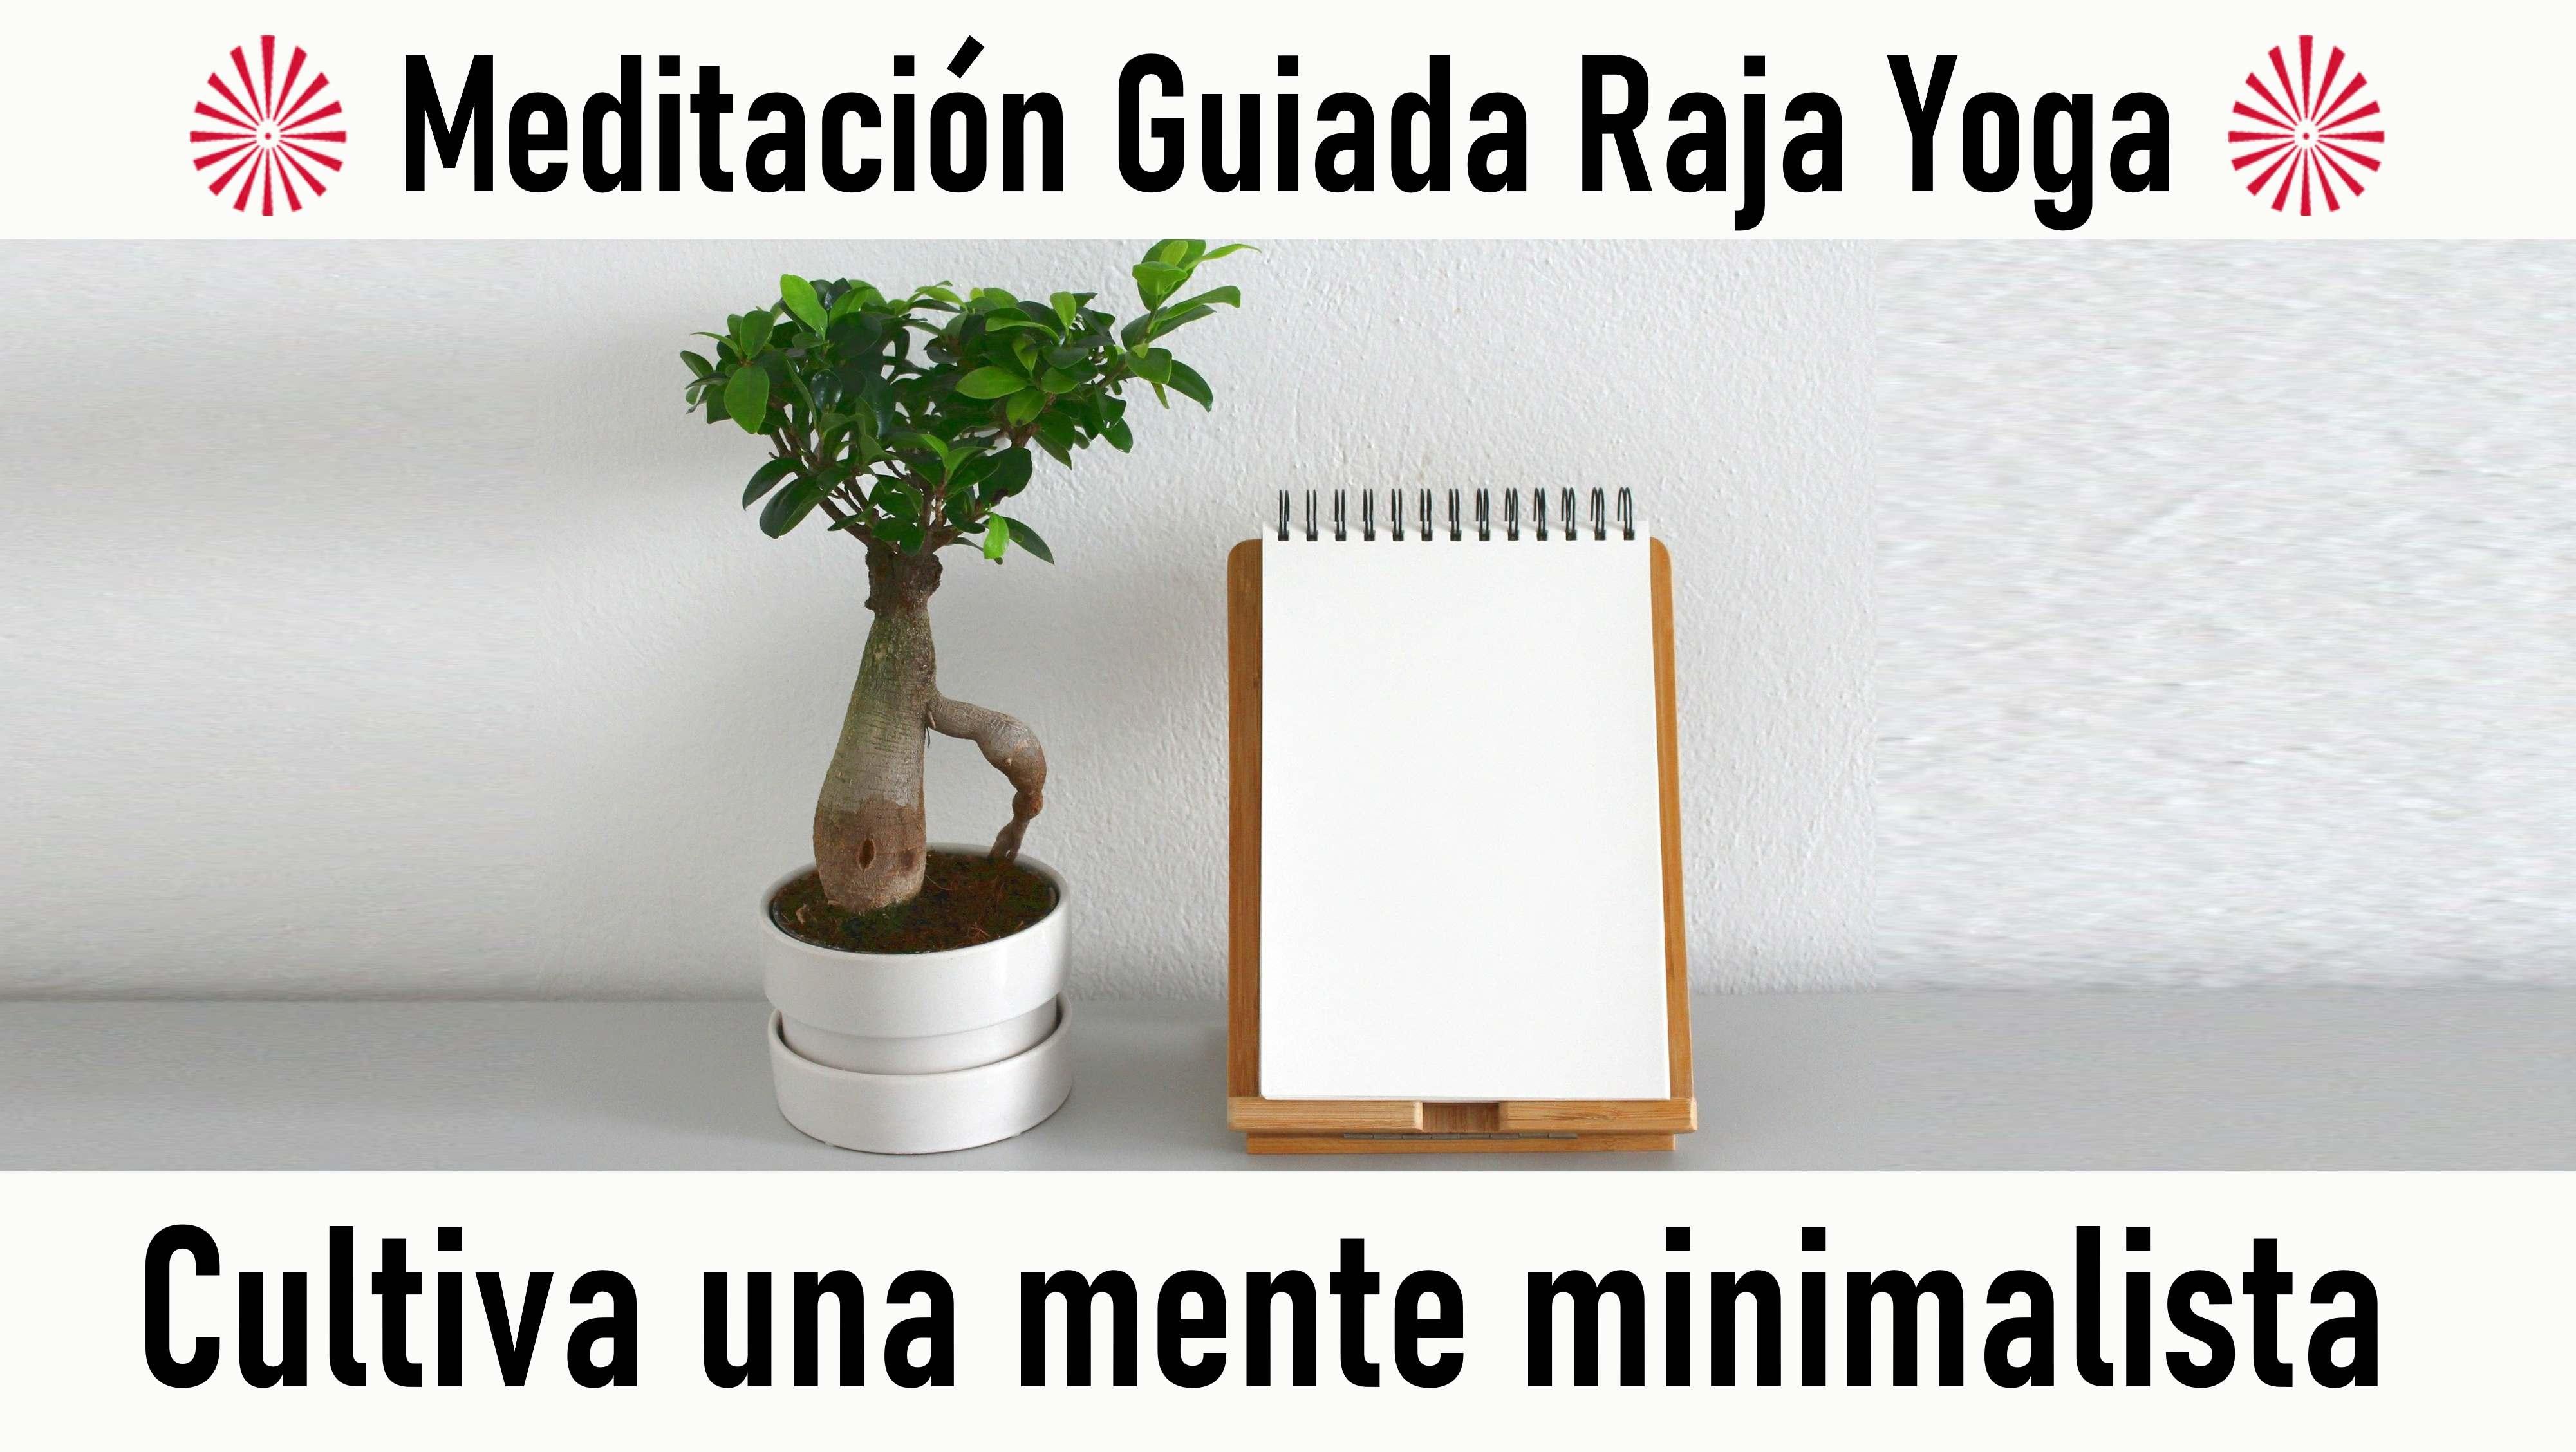 Meditación Raja Yoga: Cultiva una mente minimalista (24 Agosto 2020) On-line desde Madrid